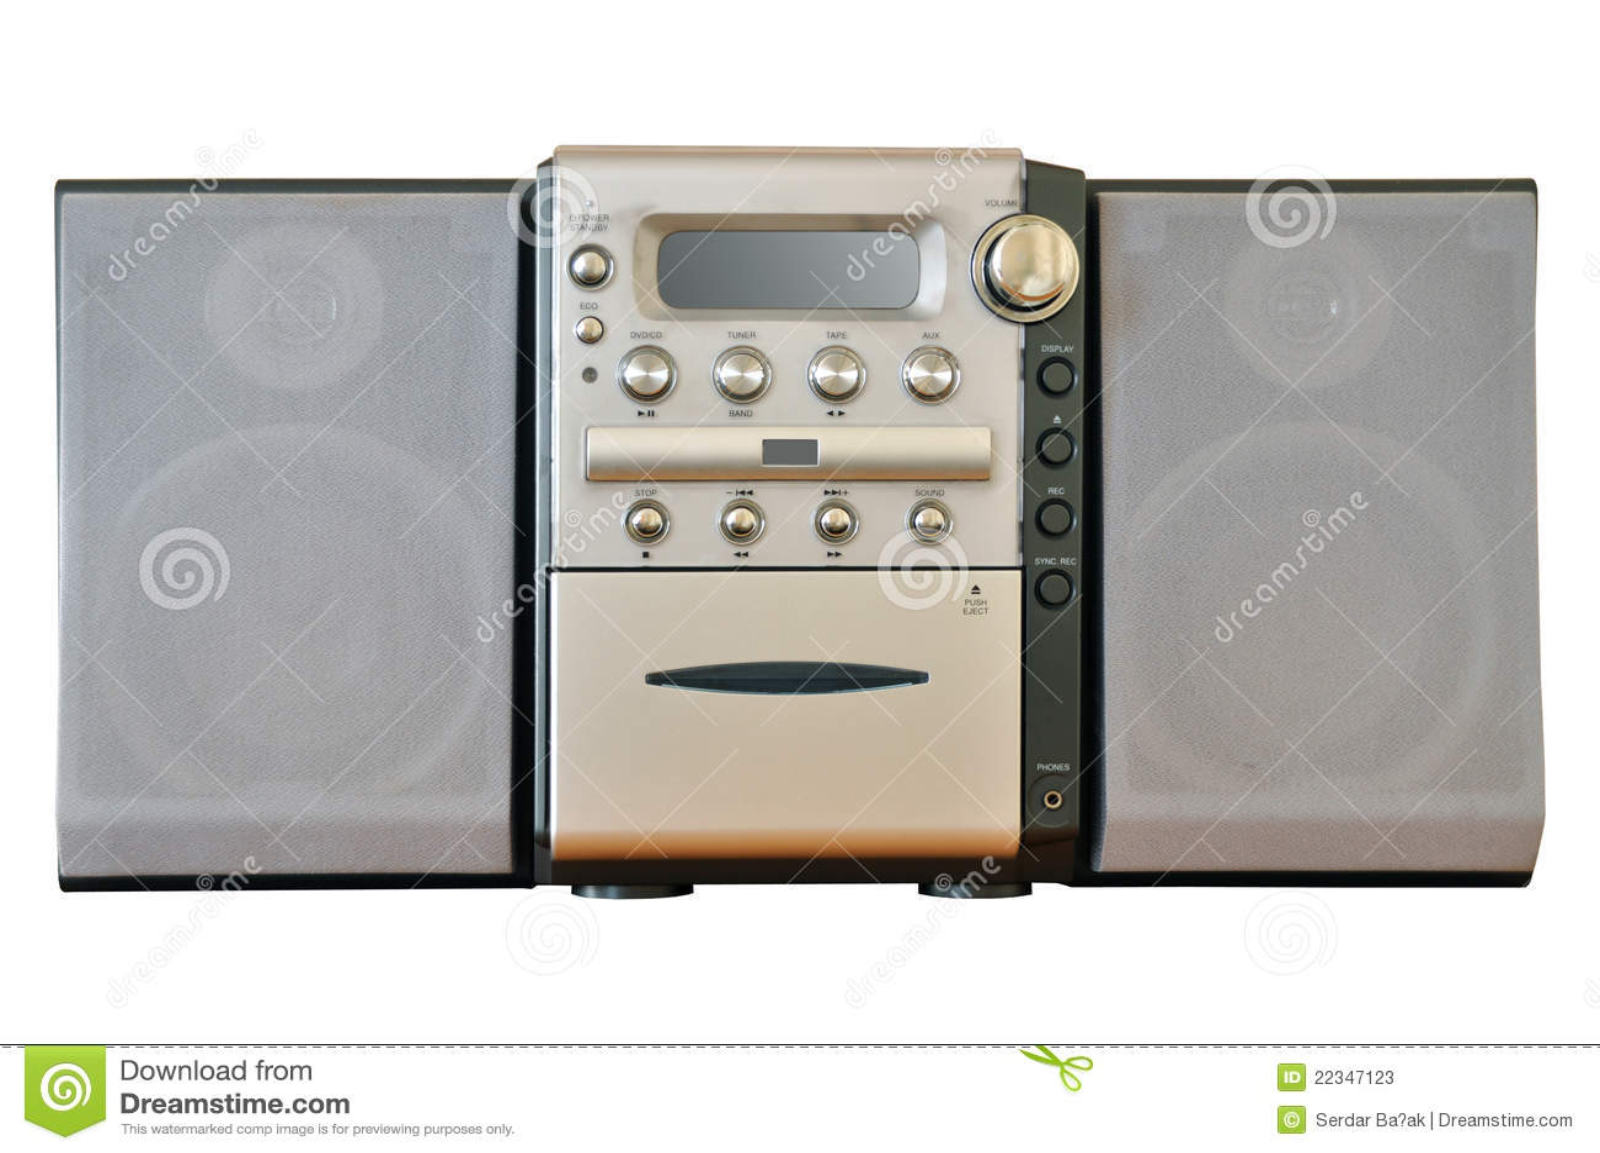 компактная стерео система